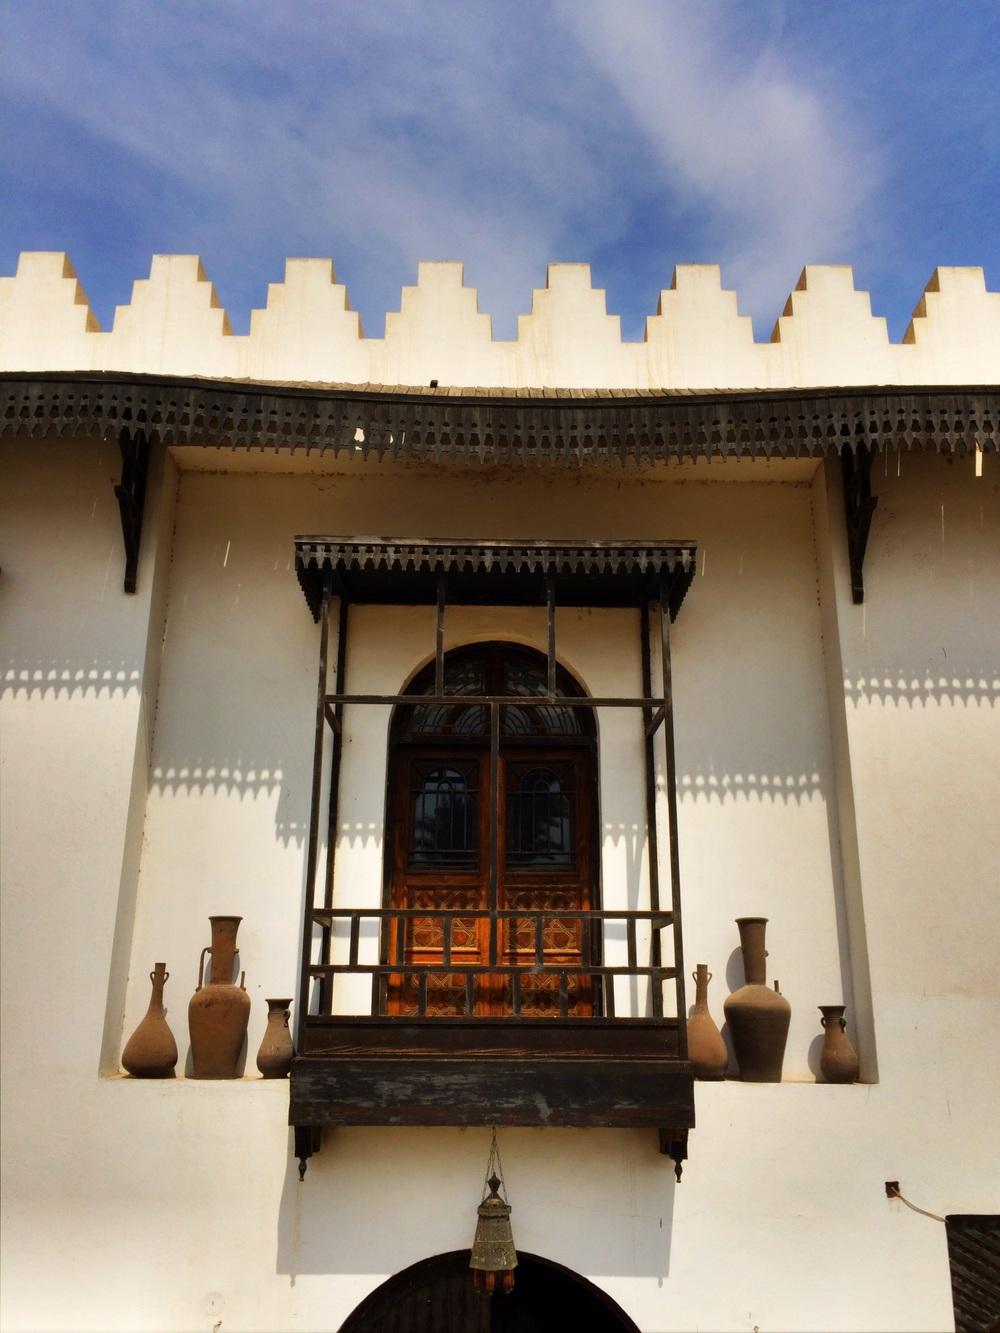 Another beautiful veranda in Cairo